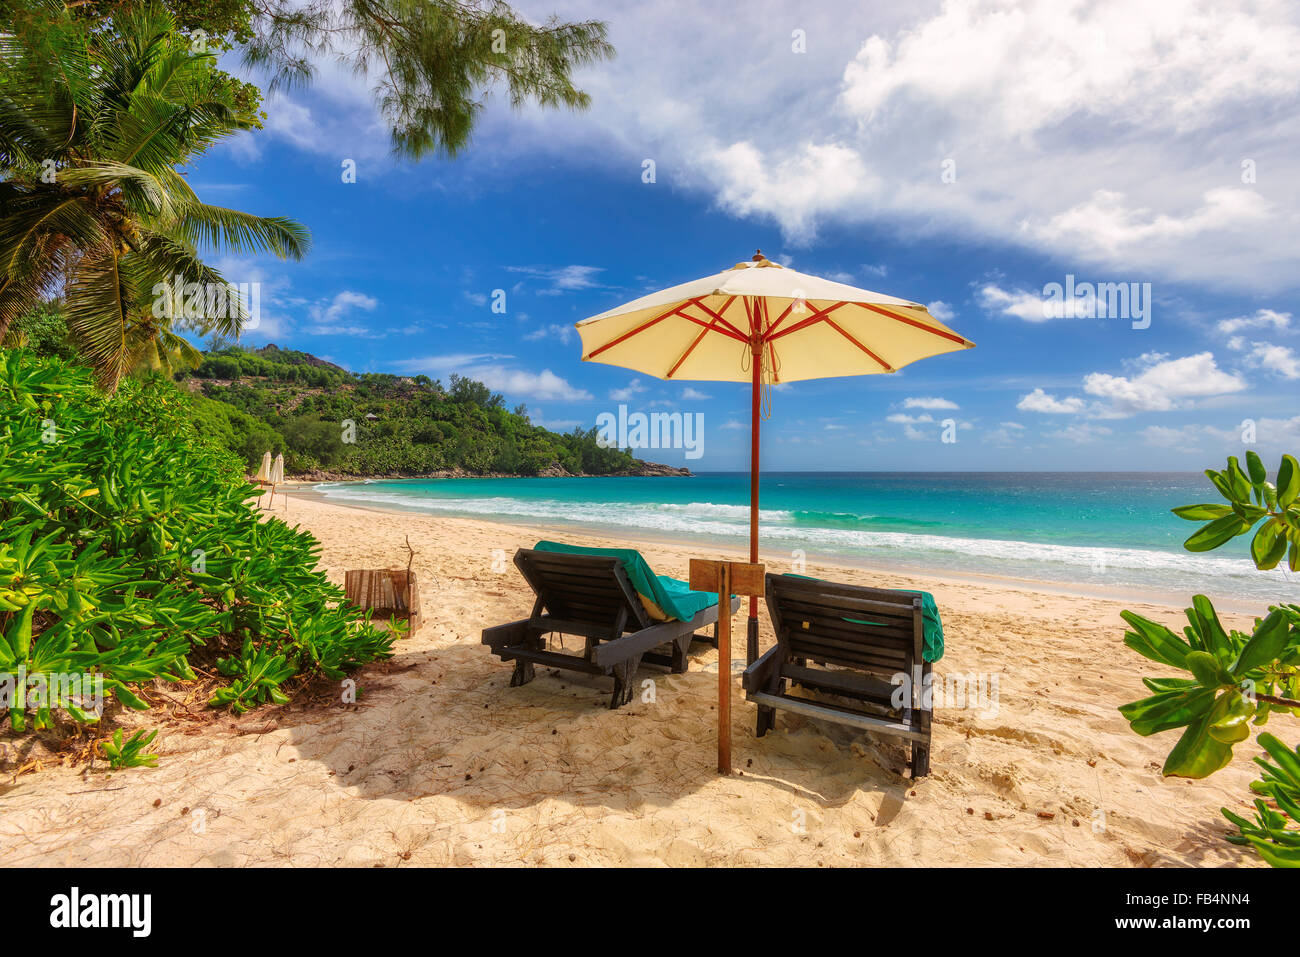 Blick auf schönen tropischen leeren Sandstrand mit Sonnenschirm und Stuhl, Insel Mahe, Seychellen Stockbild